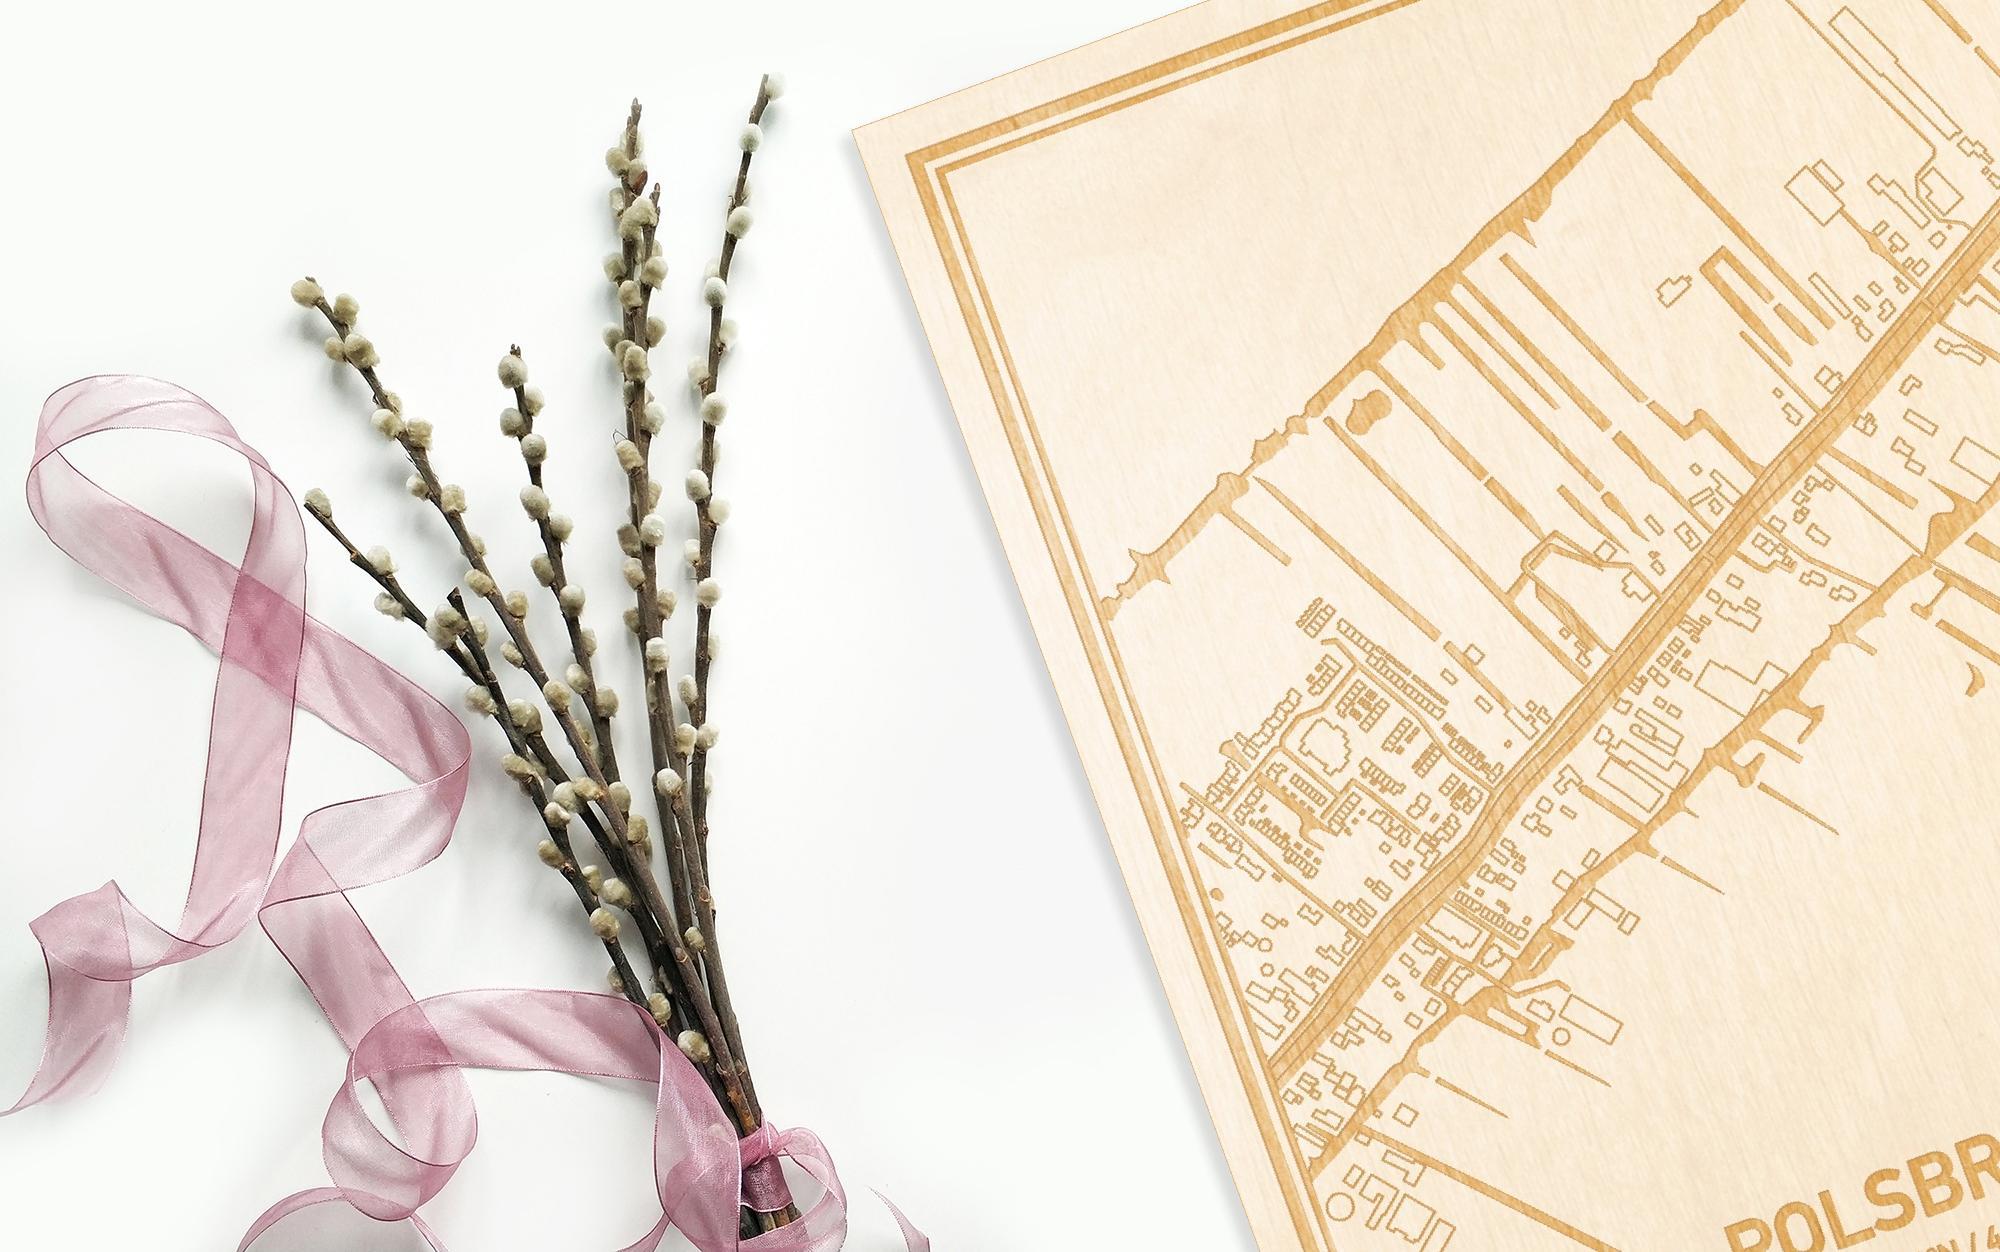 Hier ligt de houten plattegrond Polsbroek naast een bloemetje als gepersonaliseerd cadeau voor haar.